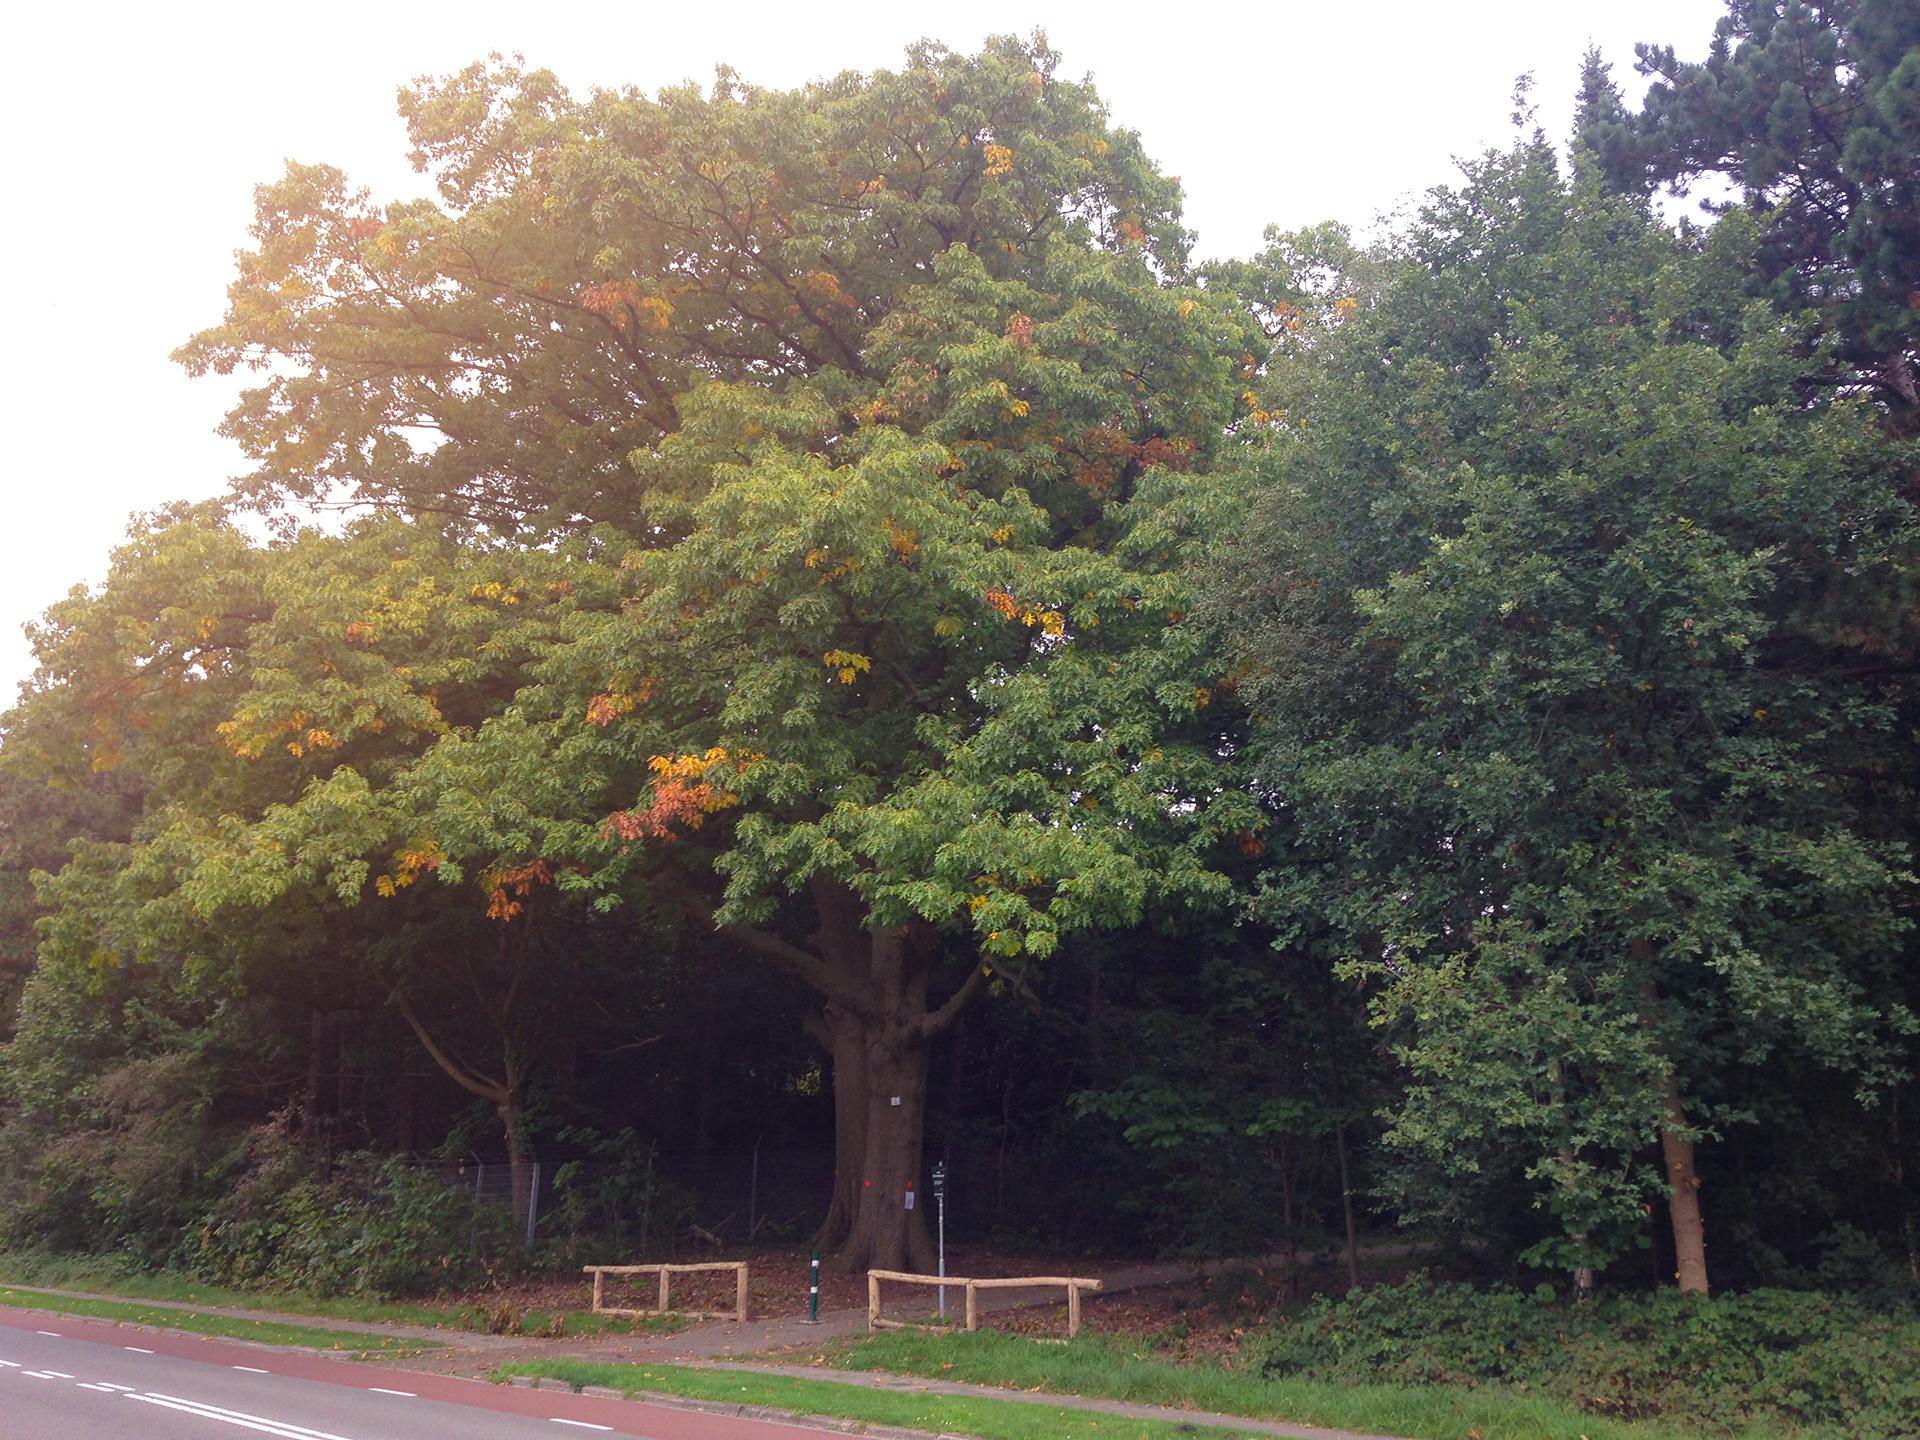 Beleid bomen kappen in onze wijk